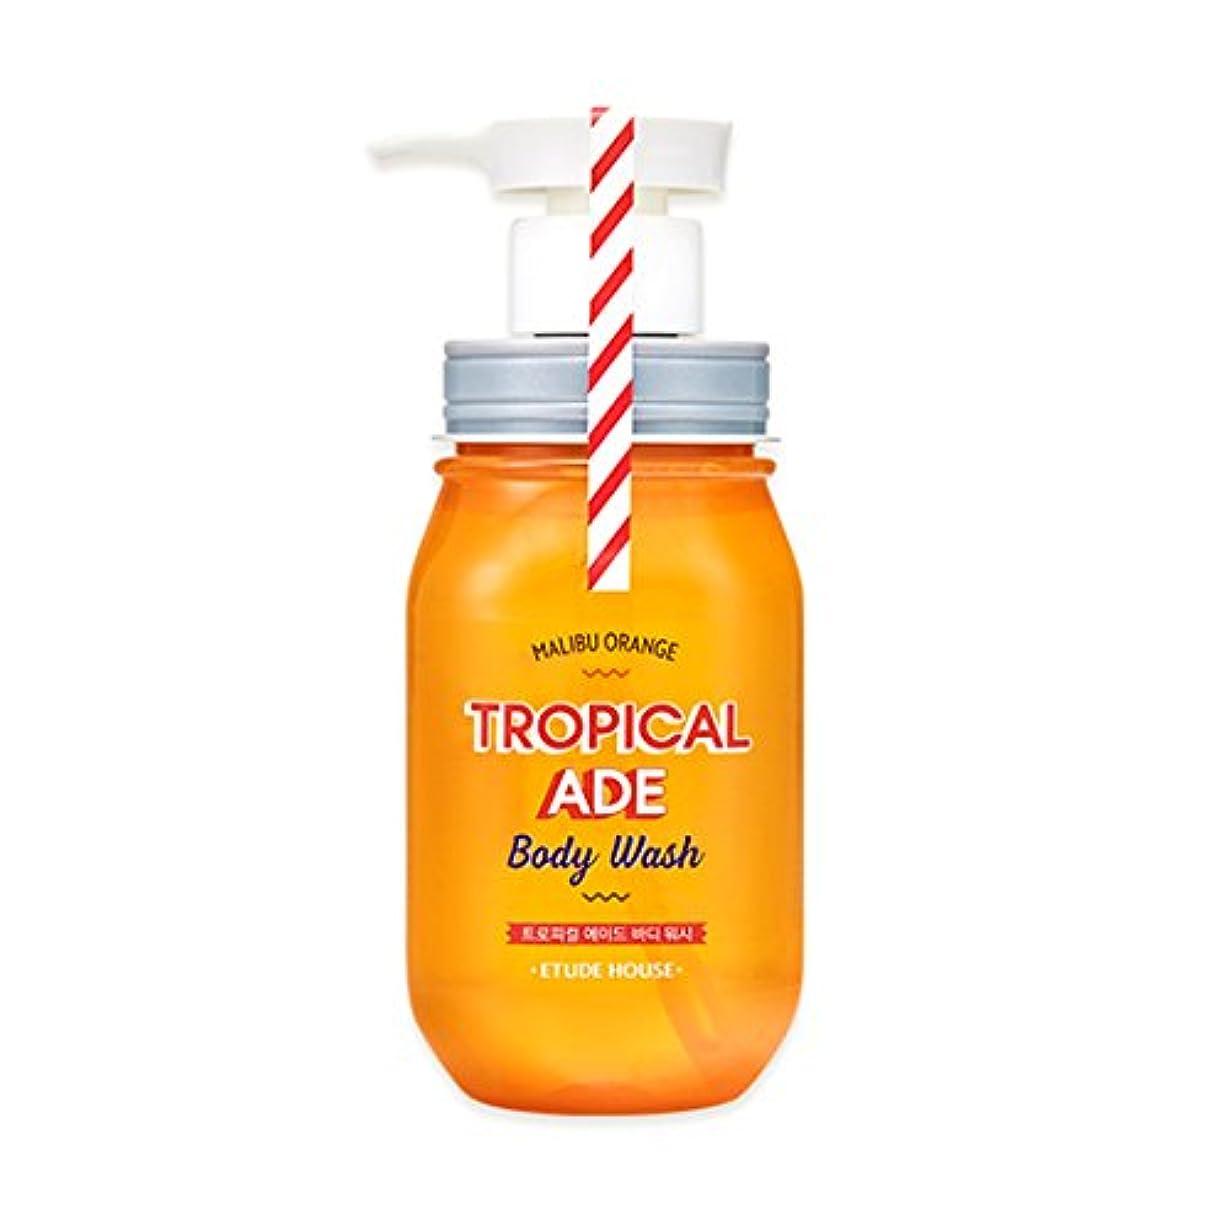 教会フォーマル降伏ETUDE HOUSE TROPICAL ADE Body Wash # Malibu Orange /エチュードハウス トロピカルエイドボディウォッシュ 300ml [並行輸入品]